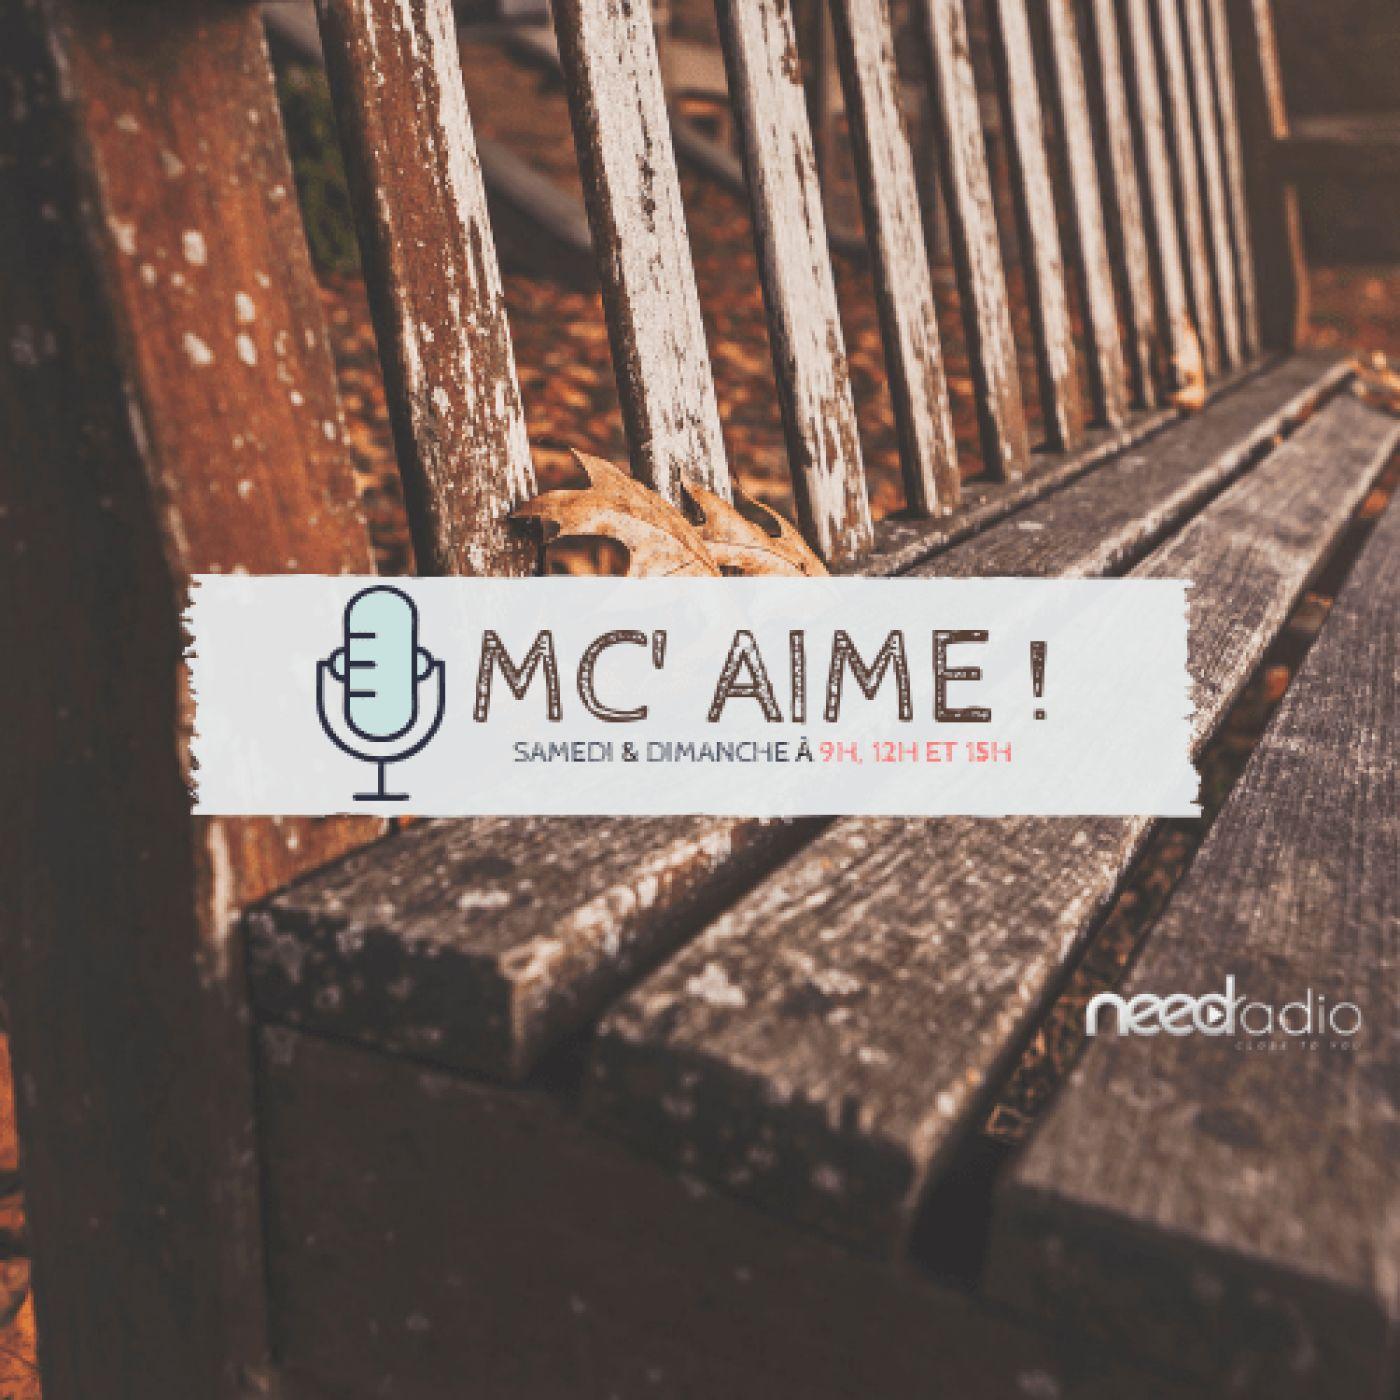 MC' Aime - La réduction des déchets (03/03/19)